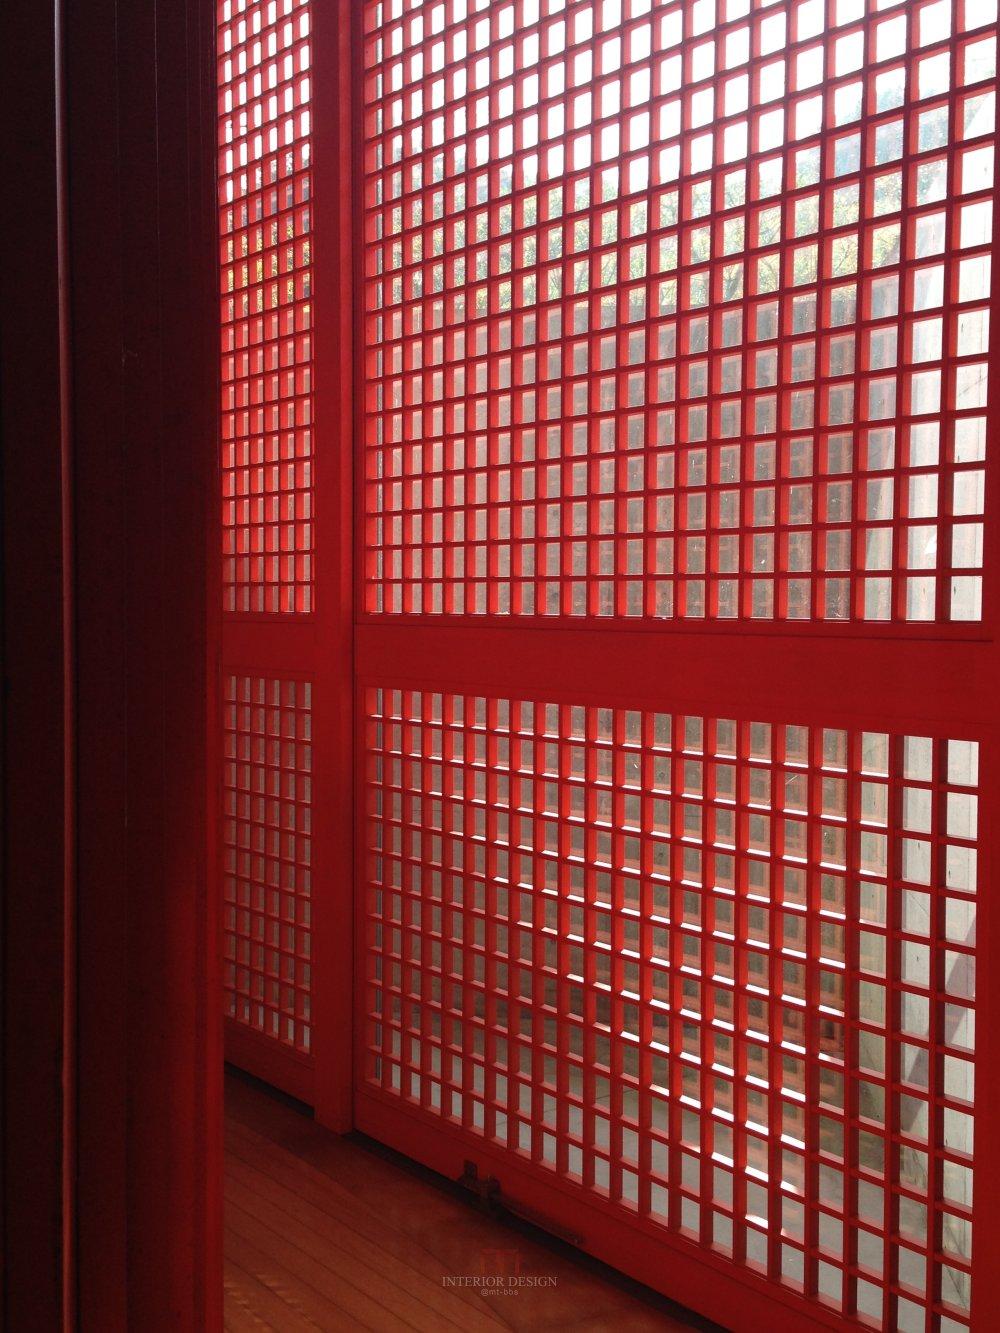 #伙伴一起看日本#  日本设计考察分享(更新美秀美术馆)_IMG_5169.JPG